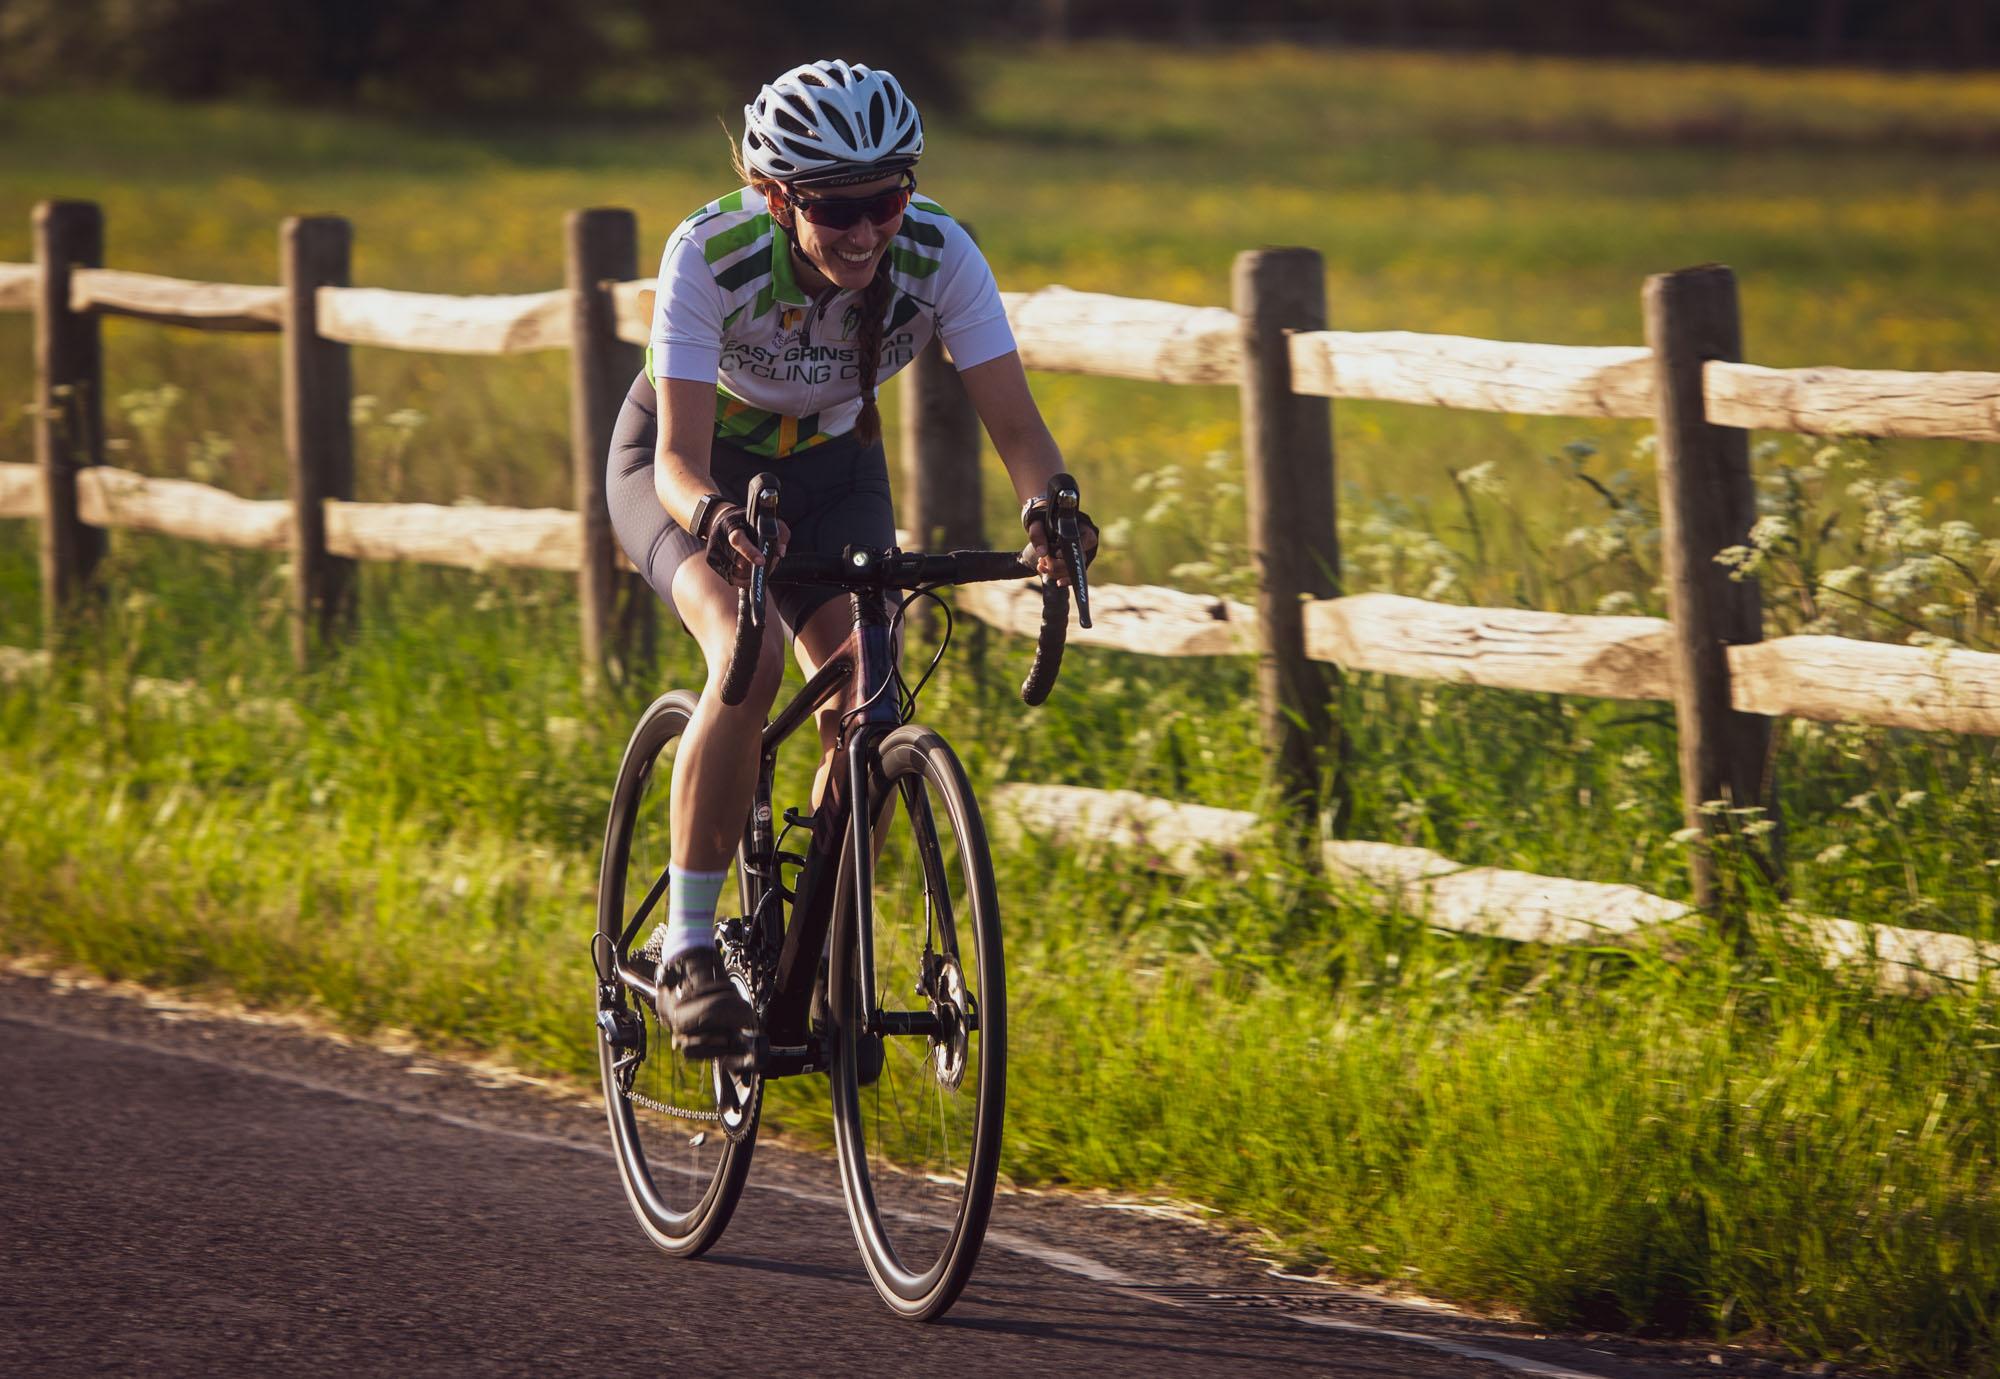 east grinstead cycling club